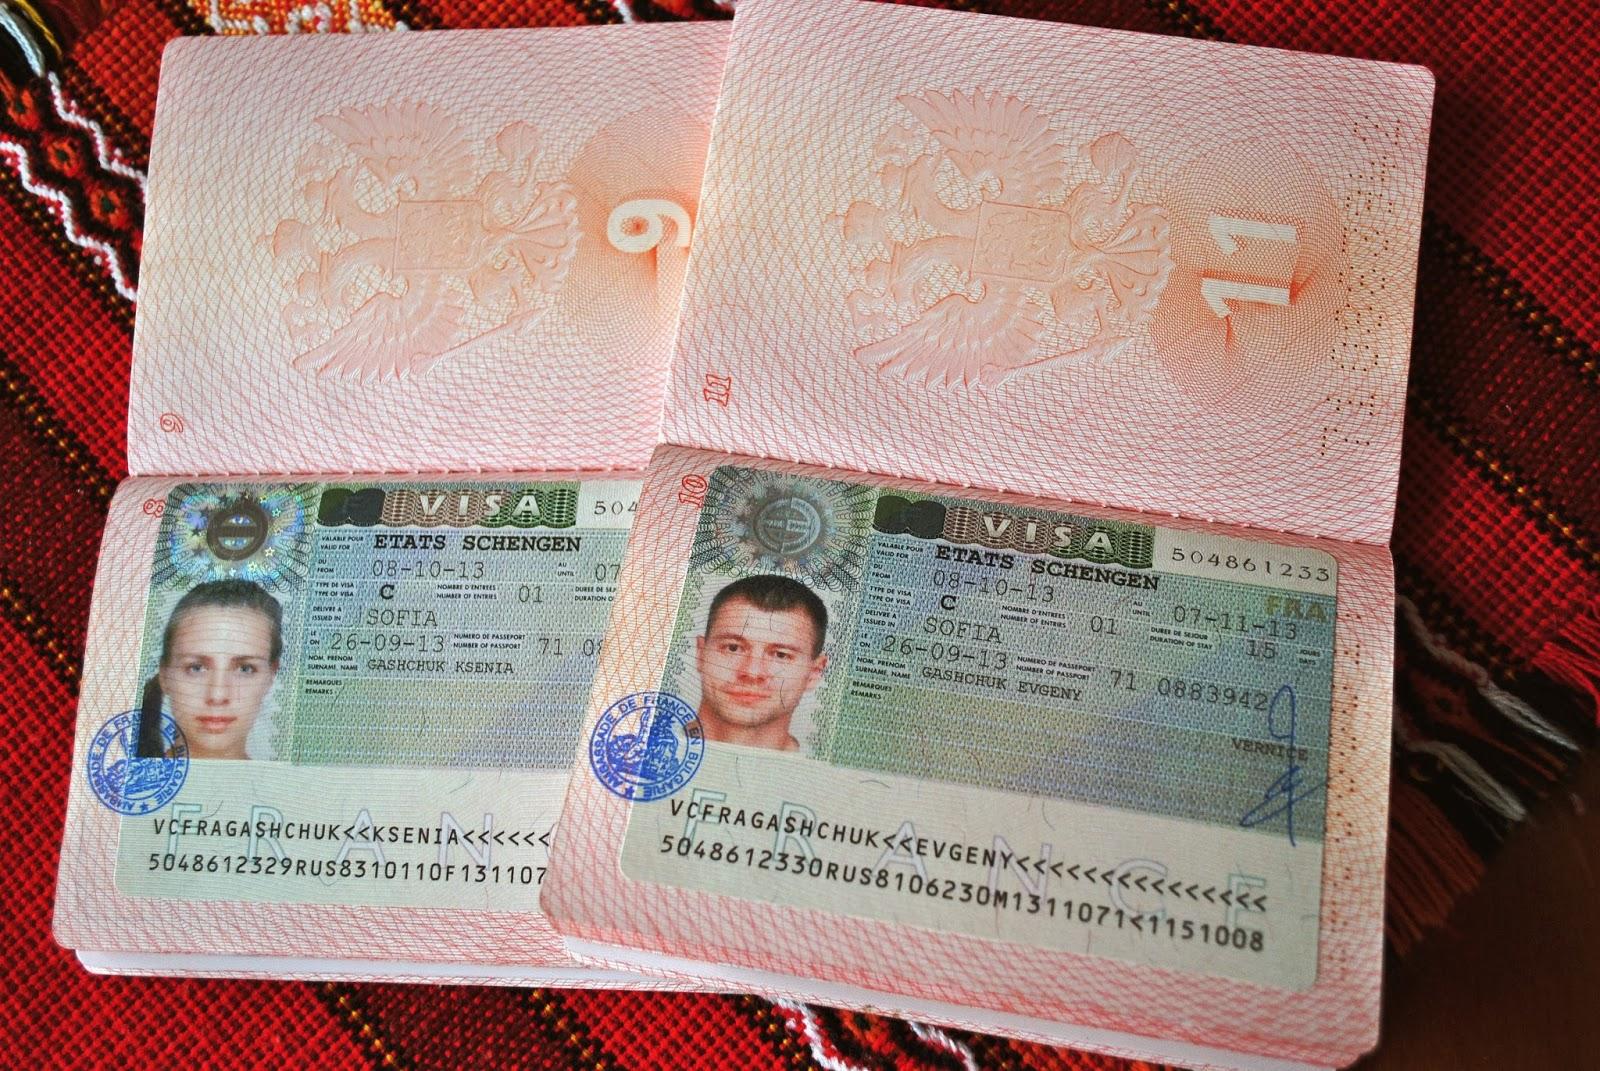 Виды шенгенских виз: какие визы можно оформить?